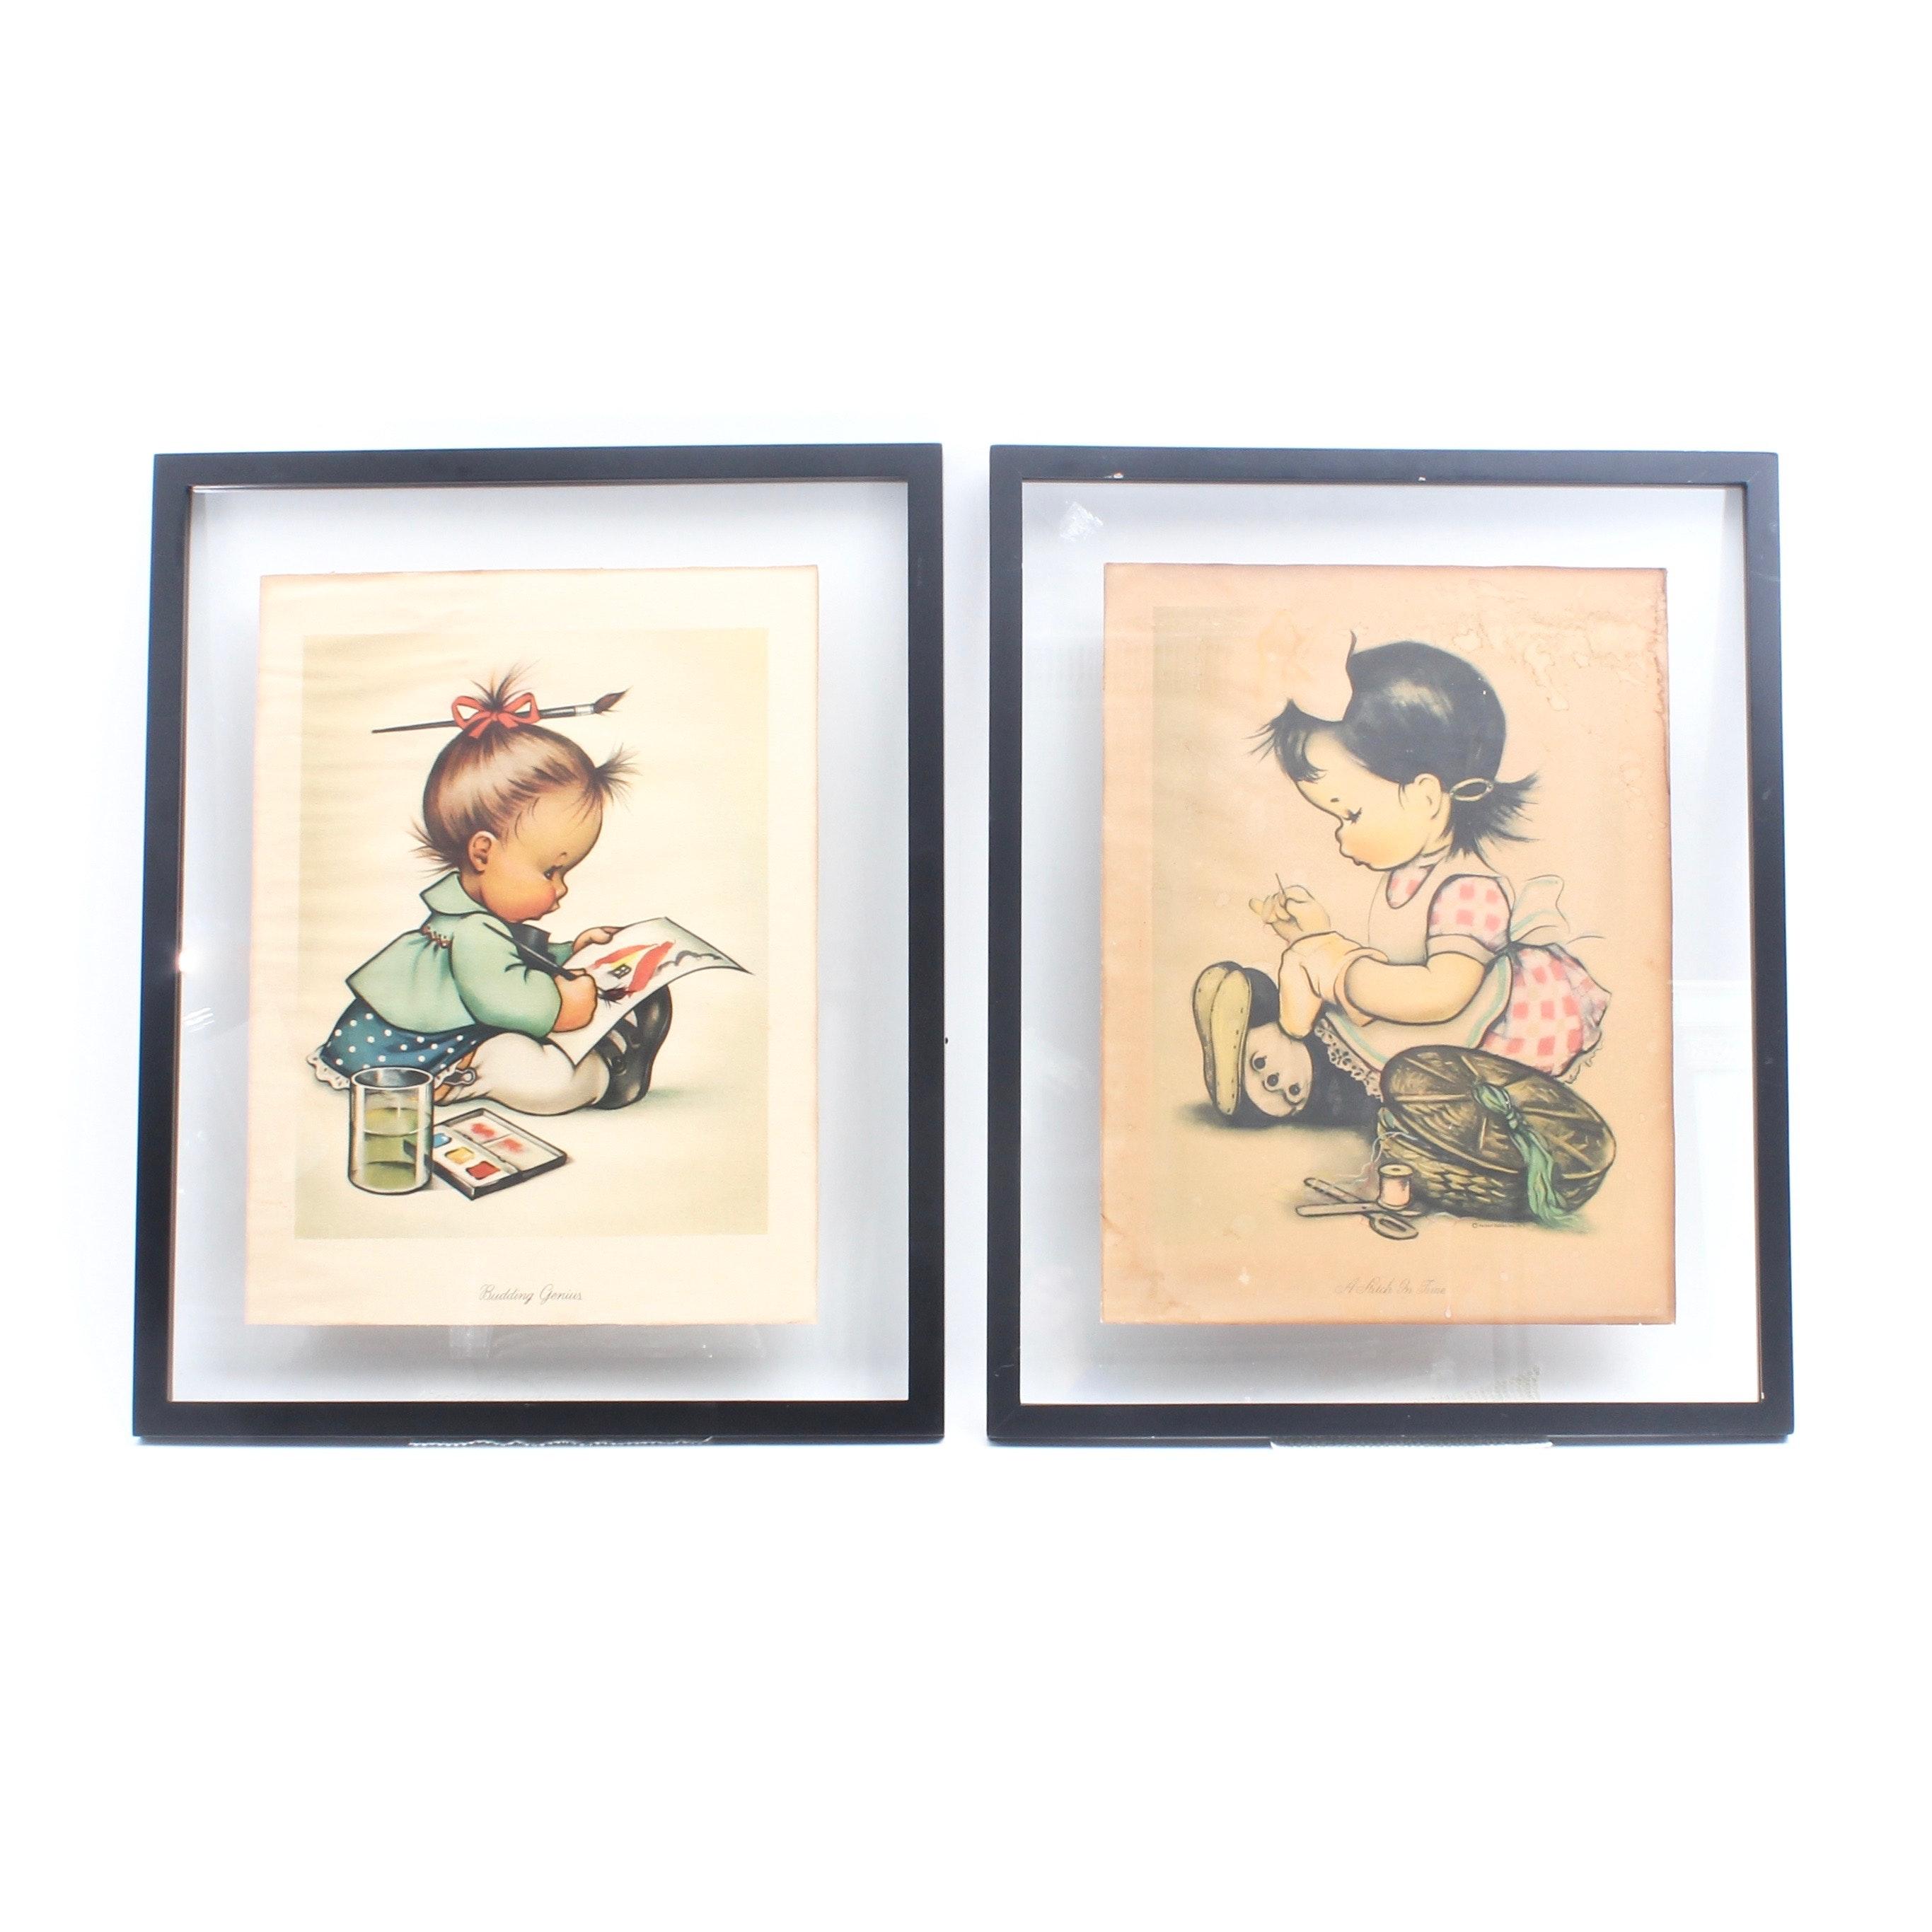 Vintage Charlot Byj Hummel Offset Lithographs